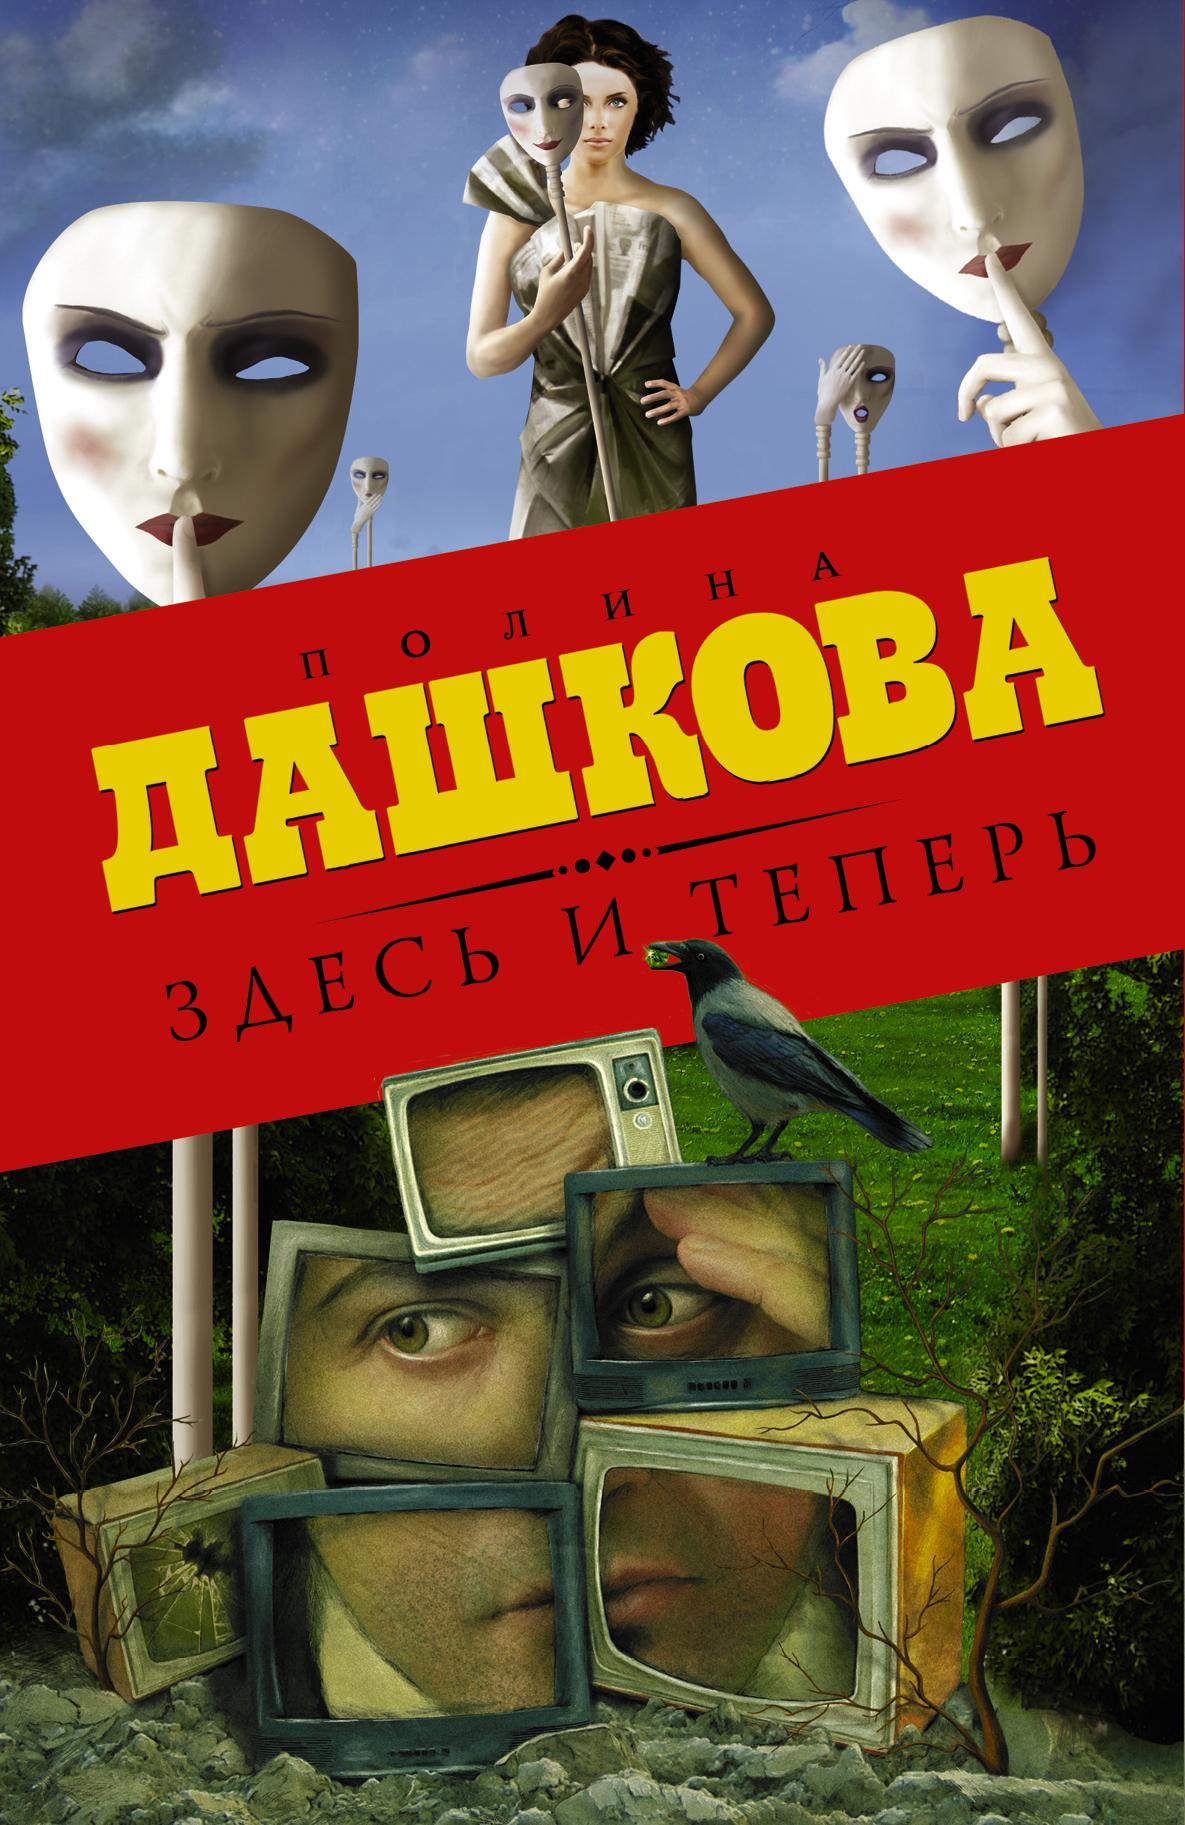 Дашкова П.В. Здесь и теперь (комплект из 3 книг) шу л радуга м энергетическое строение человека загадки человека сверхвозможности человека комплект из 3 книг